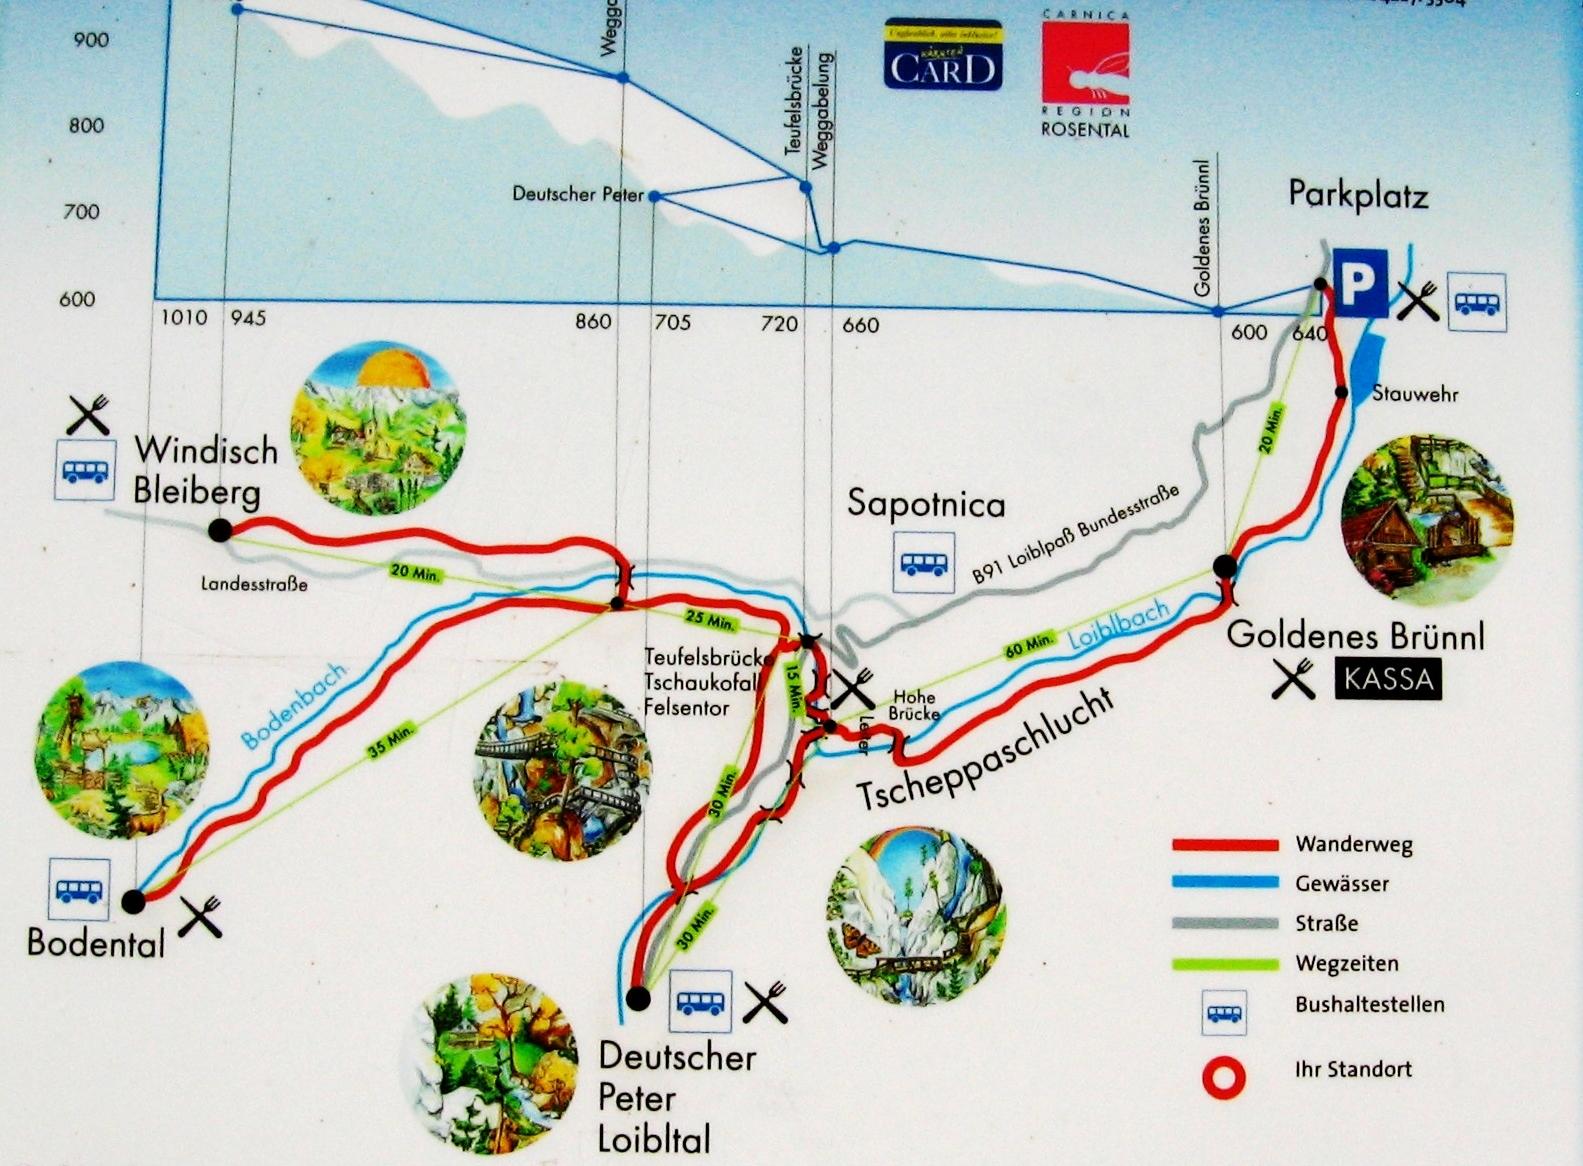 map-of-tschepaschlucht-hike.JPG